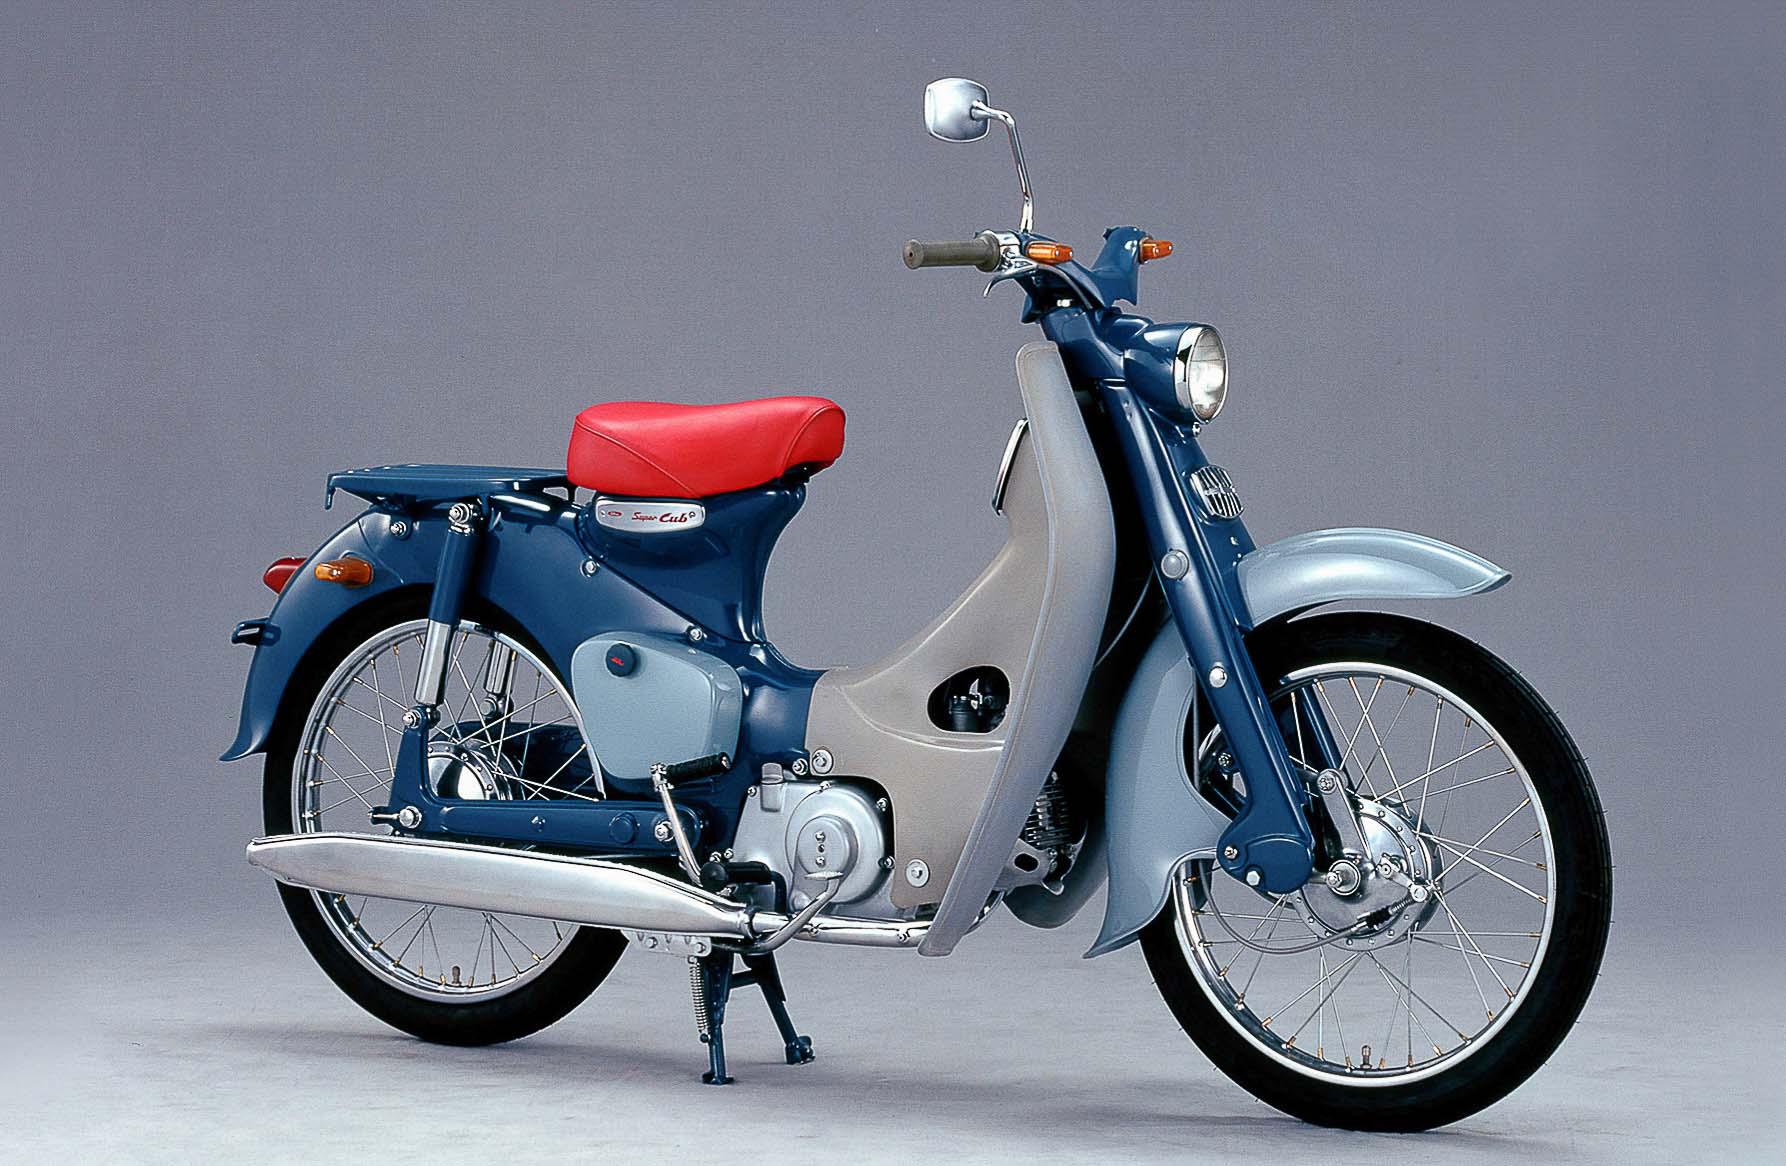 Honda C100 (1958-1967)